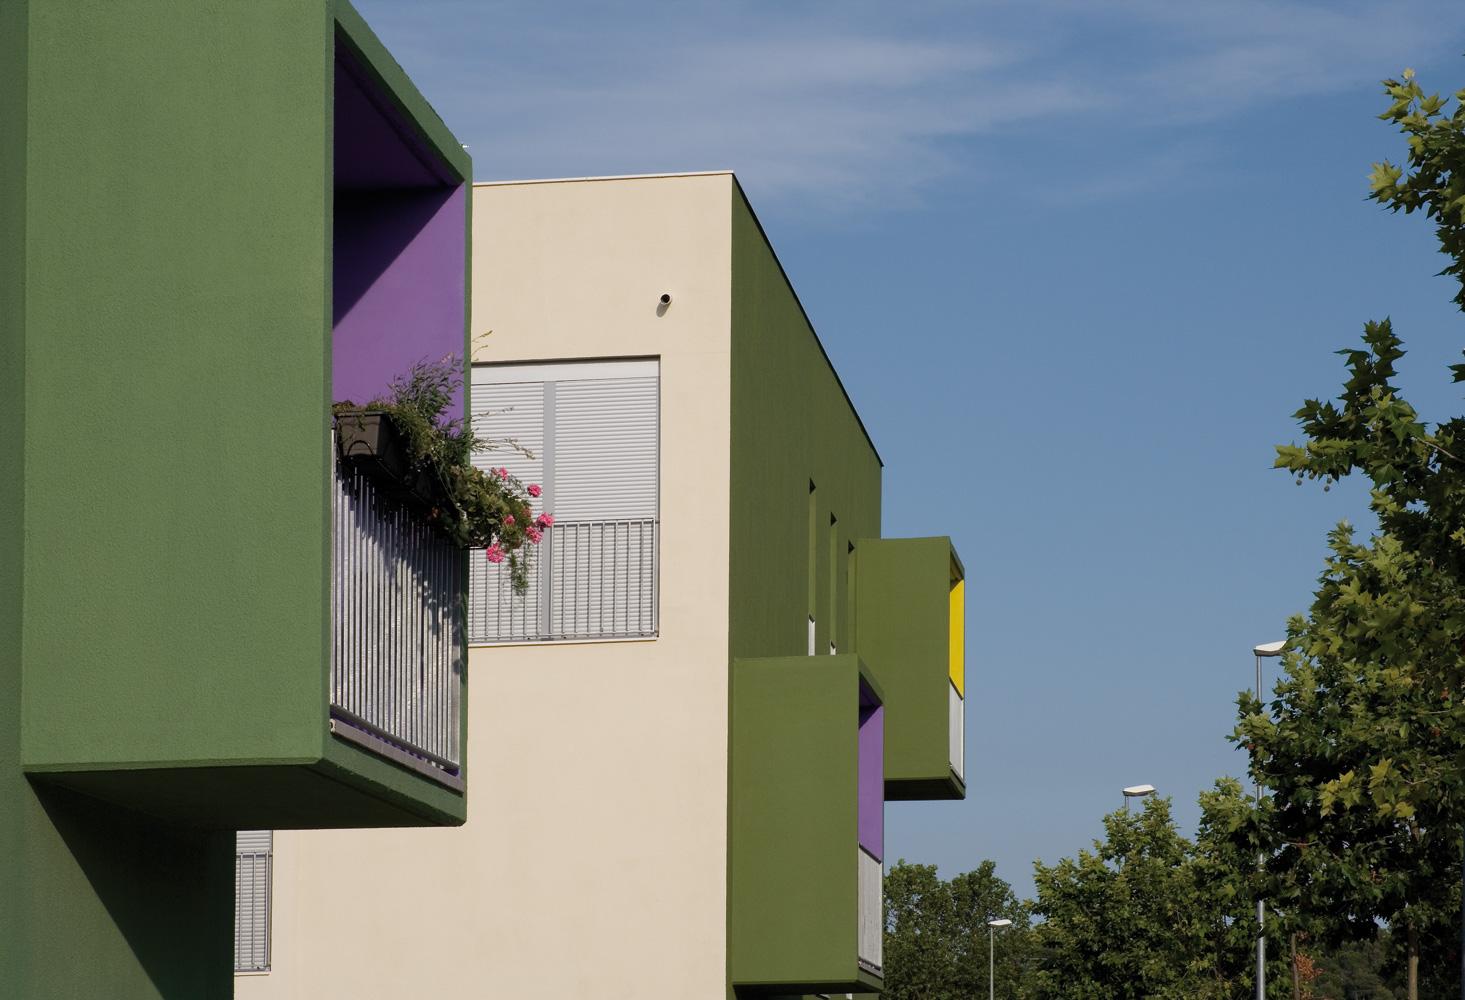 On dise o proyectos 33 viviendas sociales en begues for Diseno vivienda online